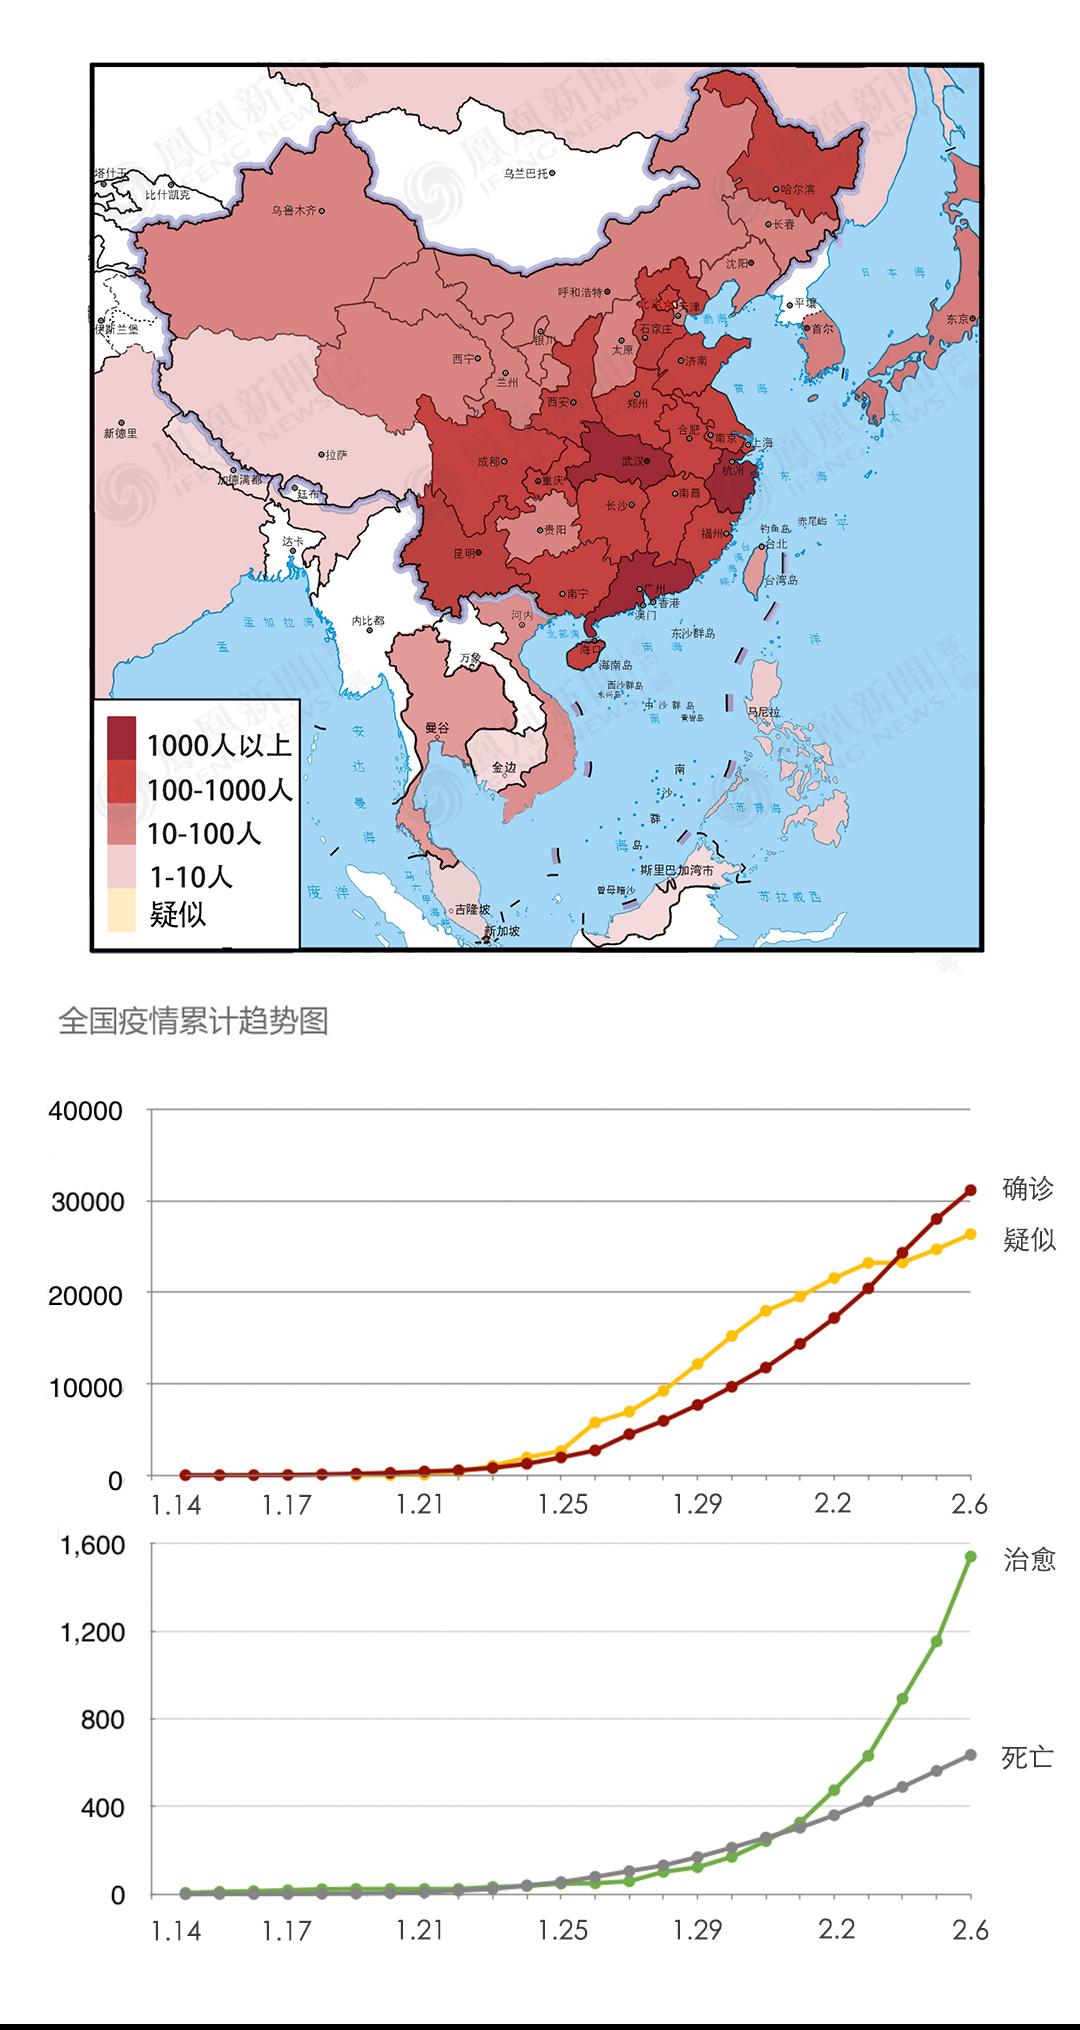 2019-2020全国新型冠状病毒肺炎疫情